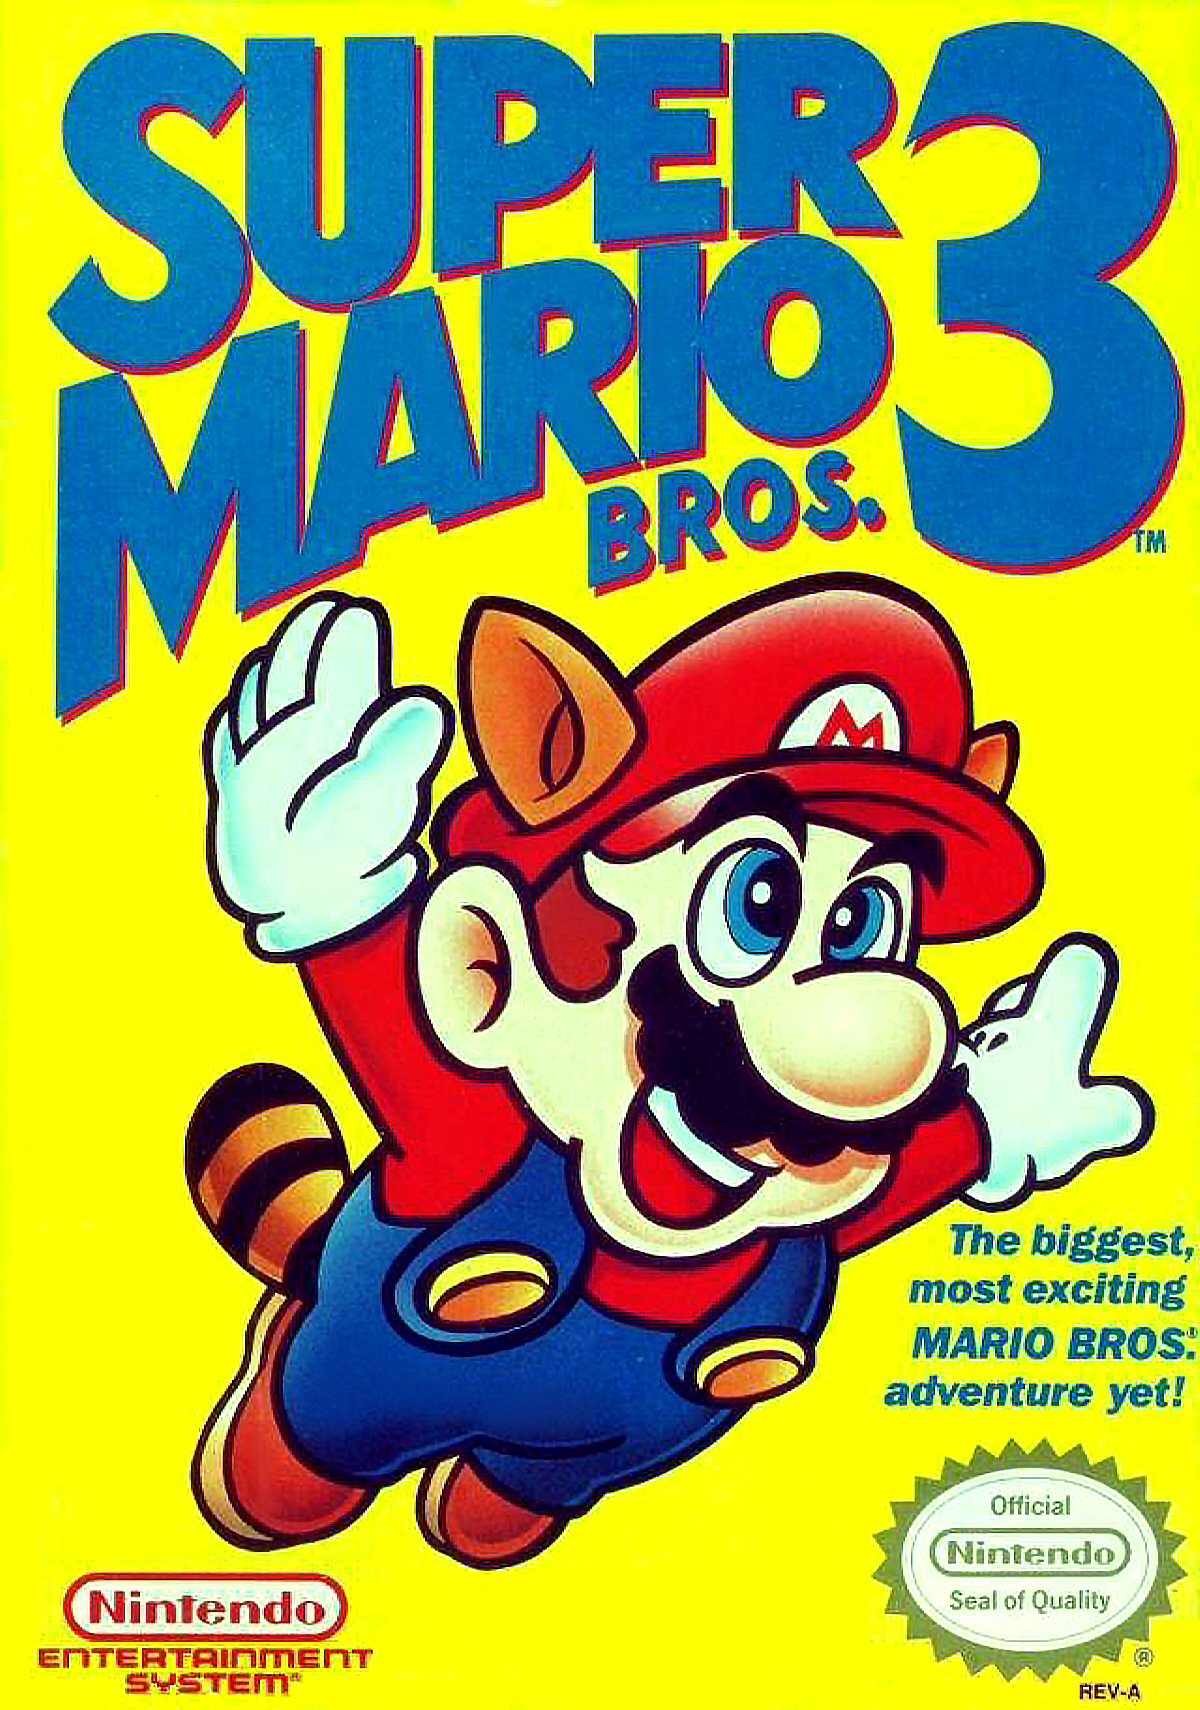 Mar10 - Super Mario Bros 3